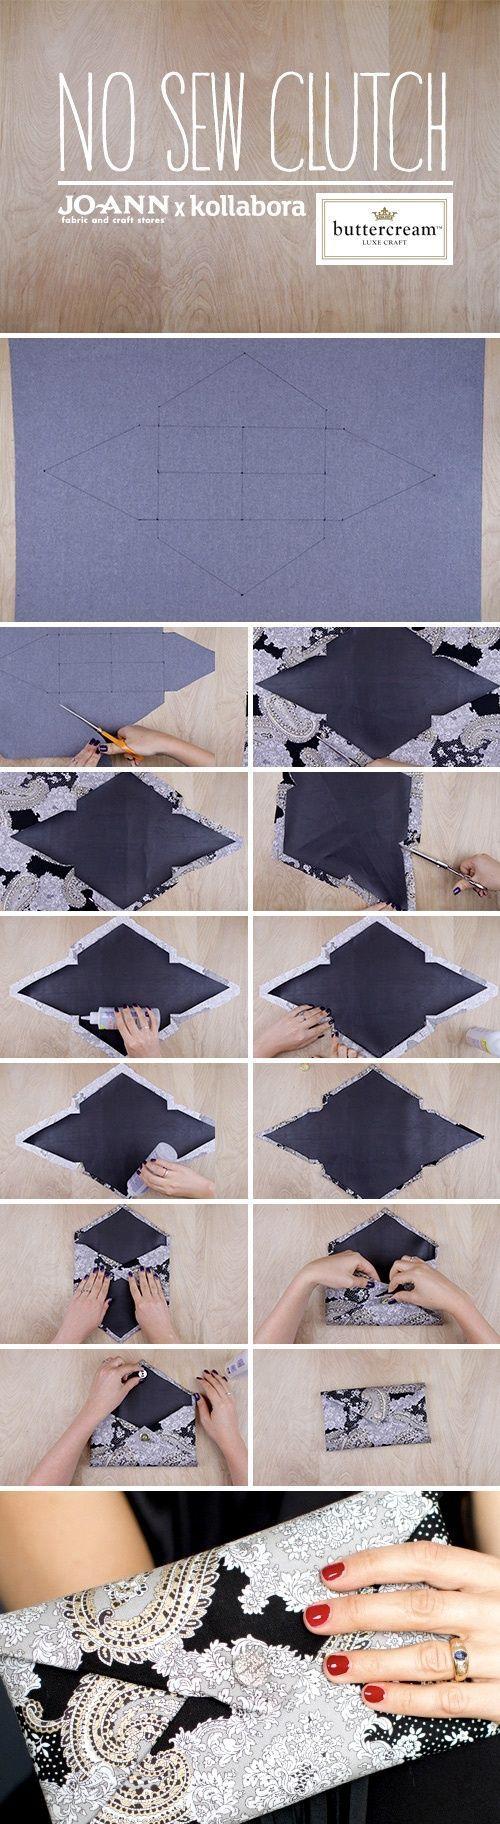 Clutch Çanta Modelleri ,  #clutchçantayapımı #günlükclutchçanta #kolayçantasüsüyapımı #portföyçantamodelleri #sporclutchçanta , Birbirinden güzel el emeği göz nuru çanta modelleri hazırladık. Örgü çanta modellerinden zaman zaman bahsediyoruz. Bugün sizlere çanta süs...